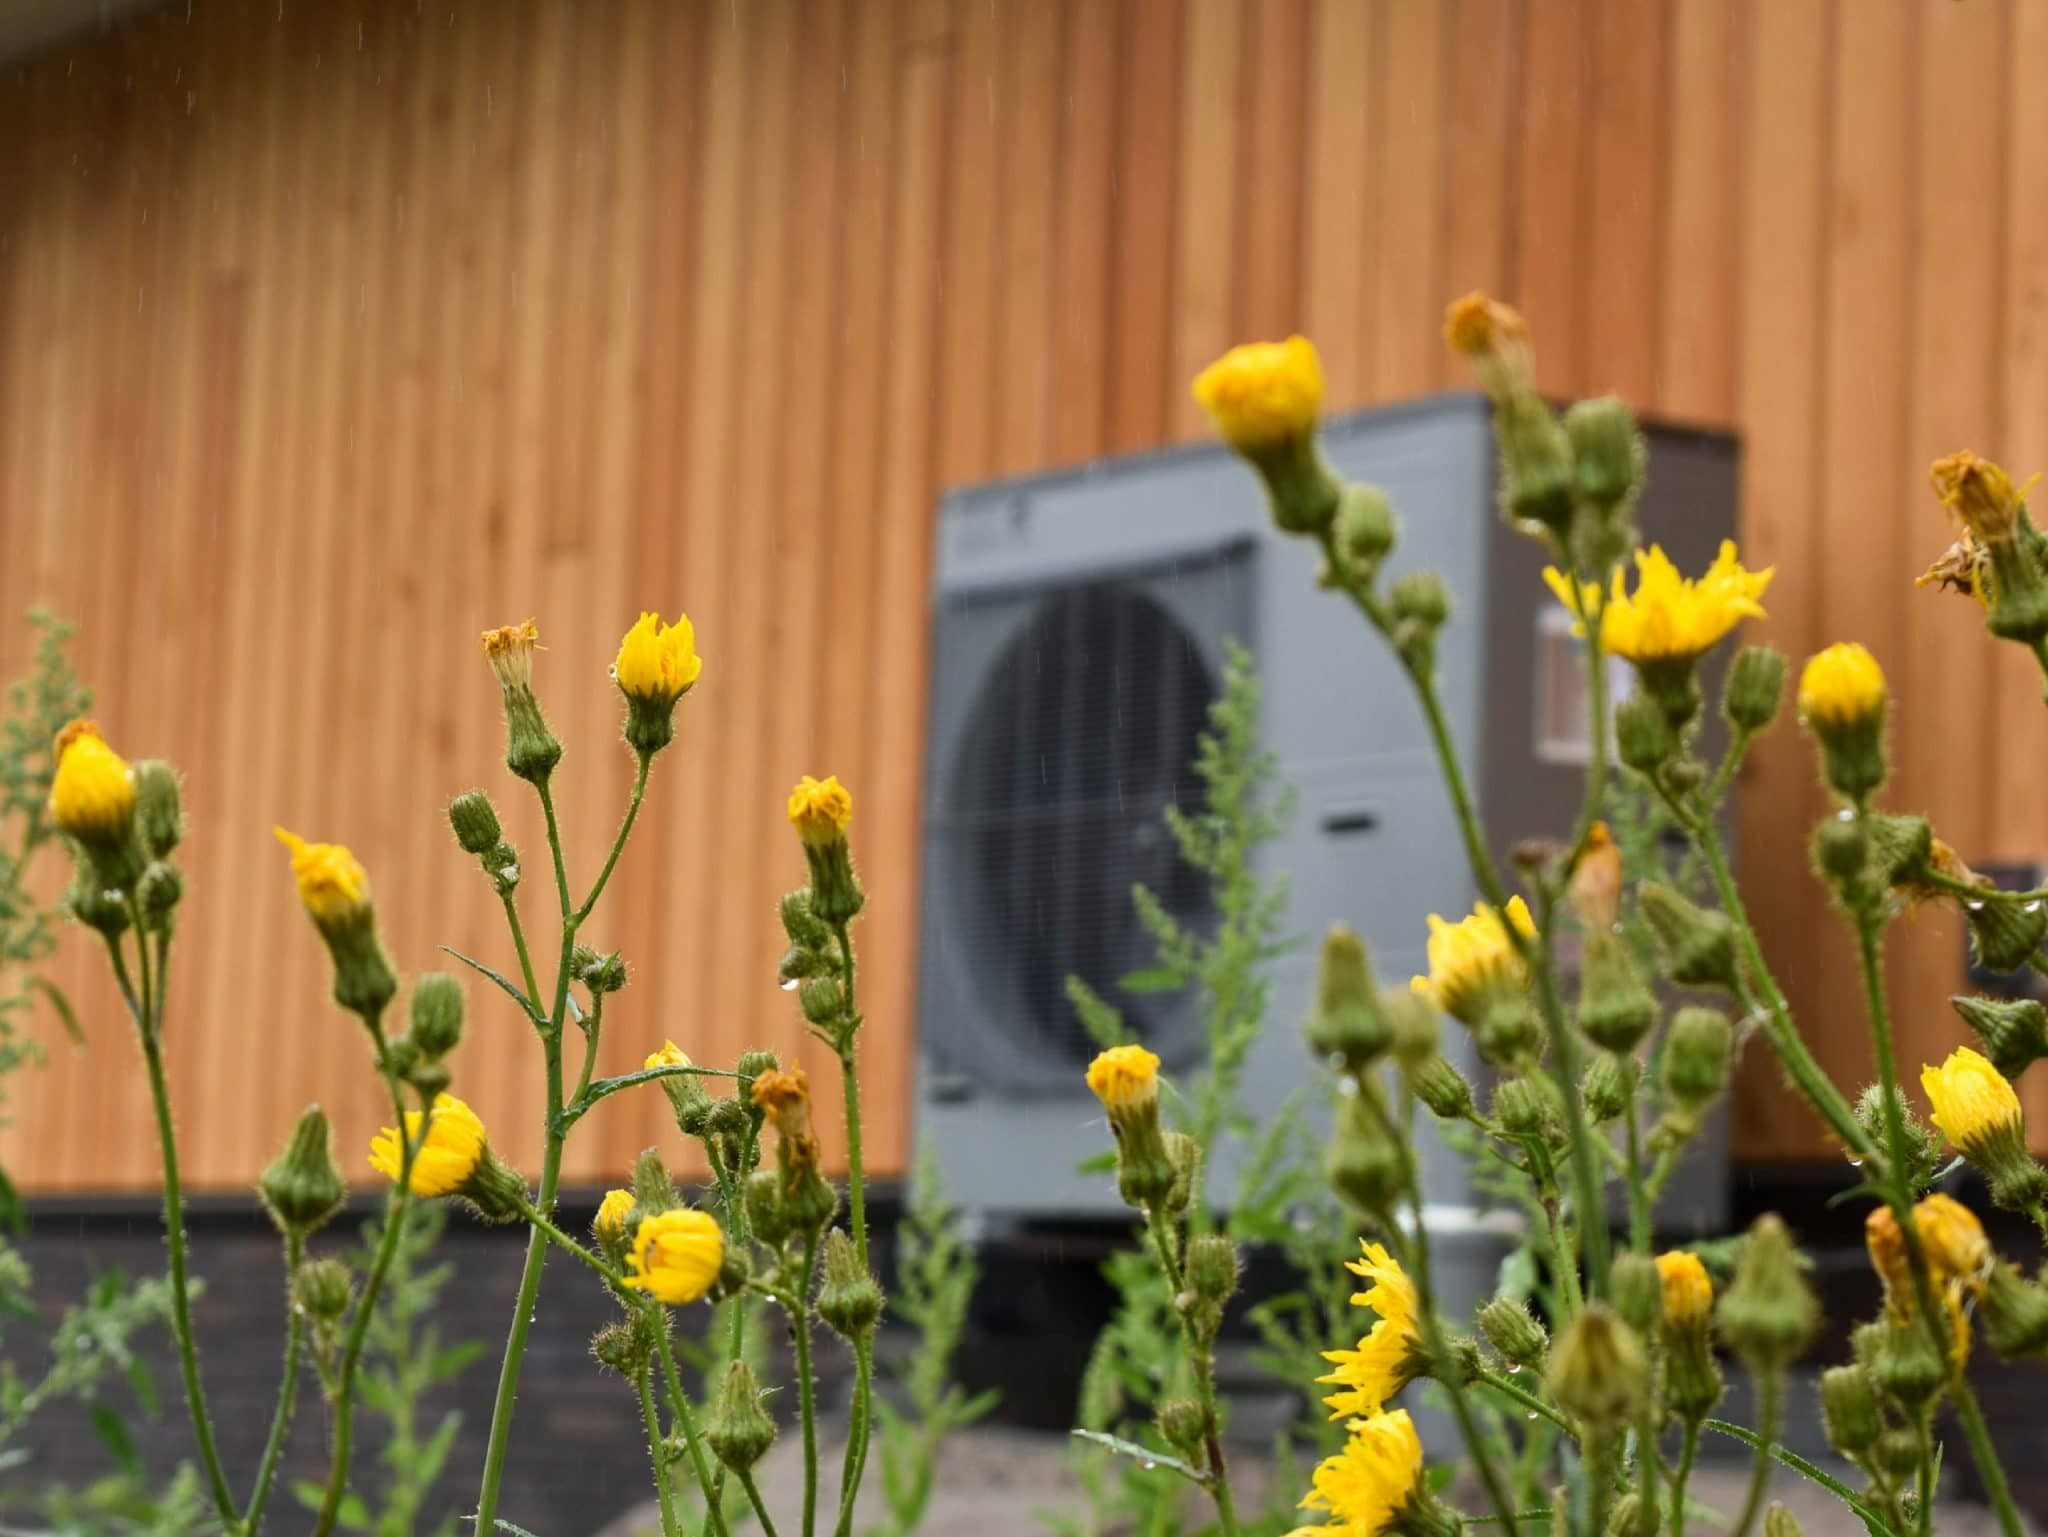 Duurzame woning bouwen - Warmtepomp